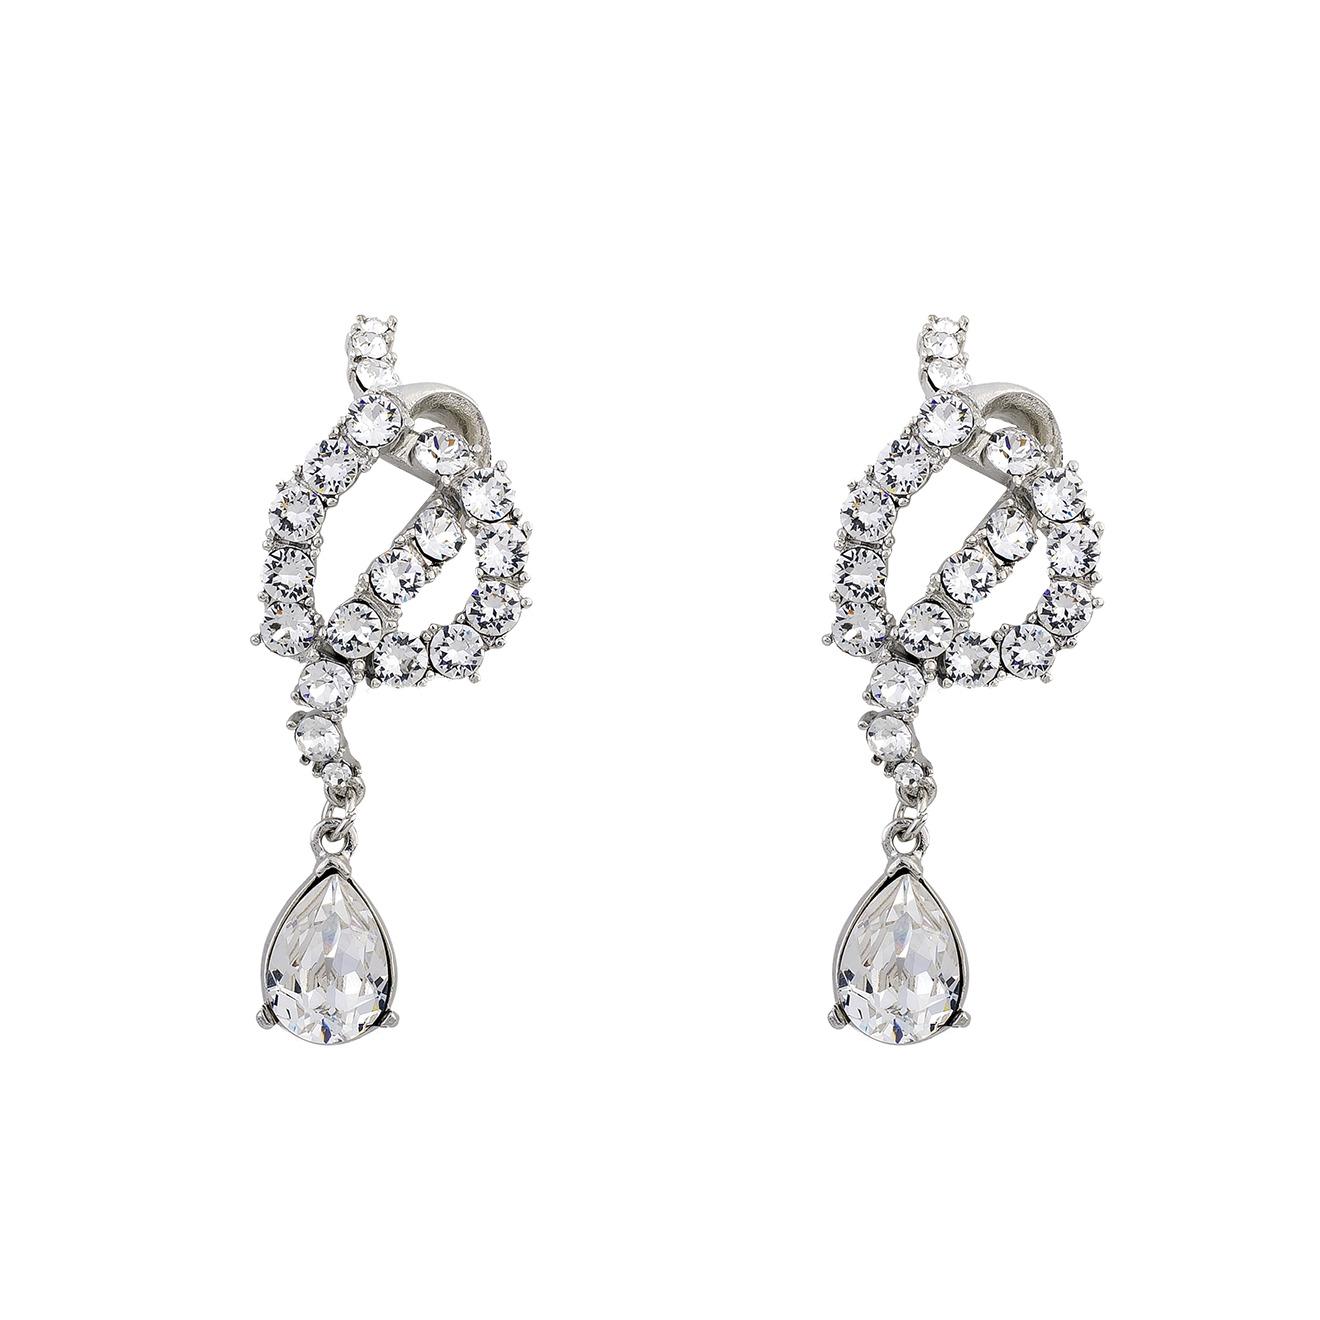 Oscar de la Renta Серебристые серьги с кристаллами